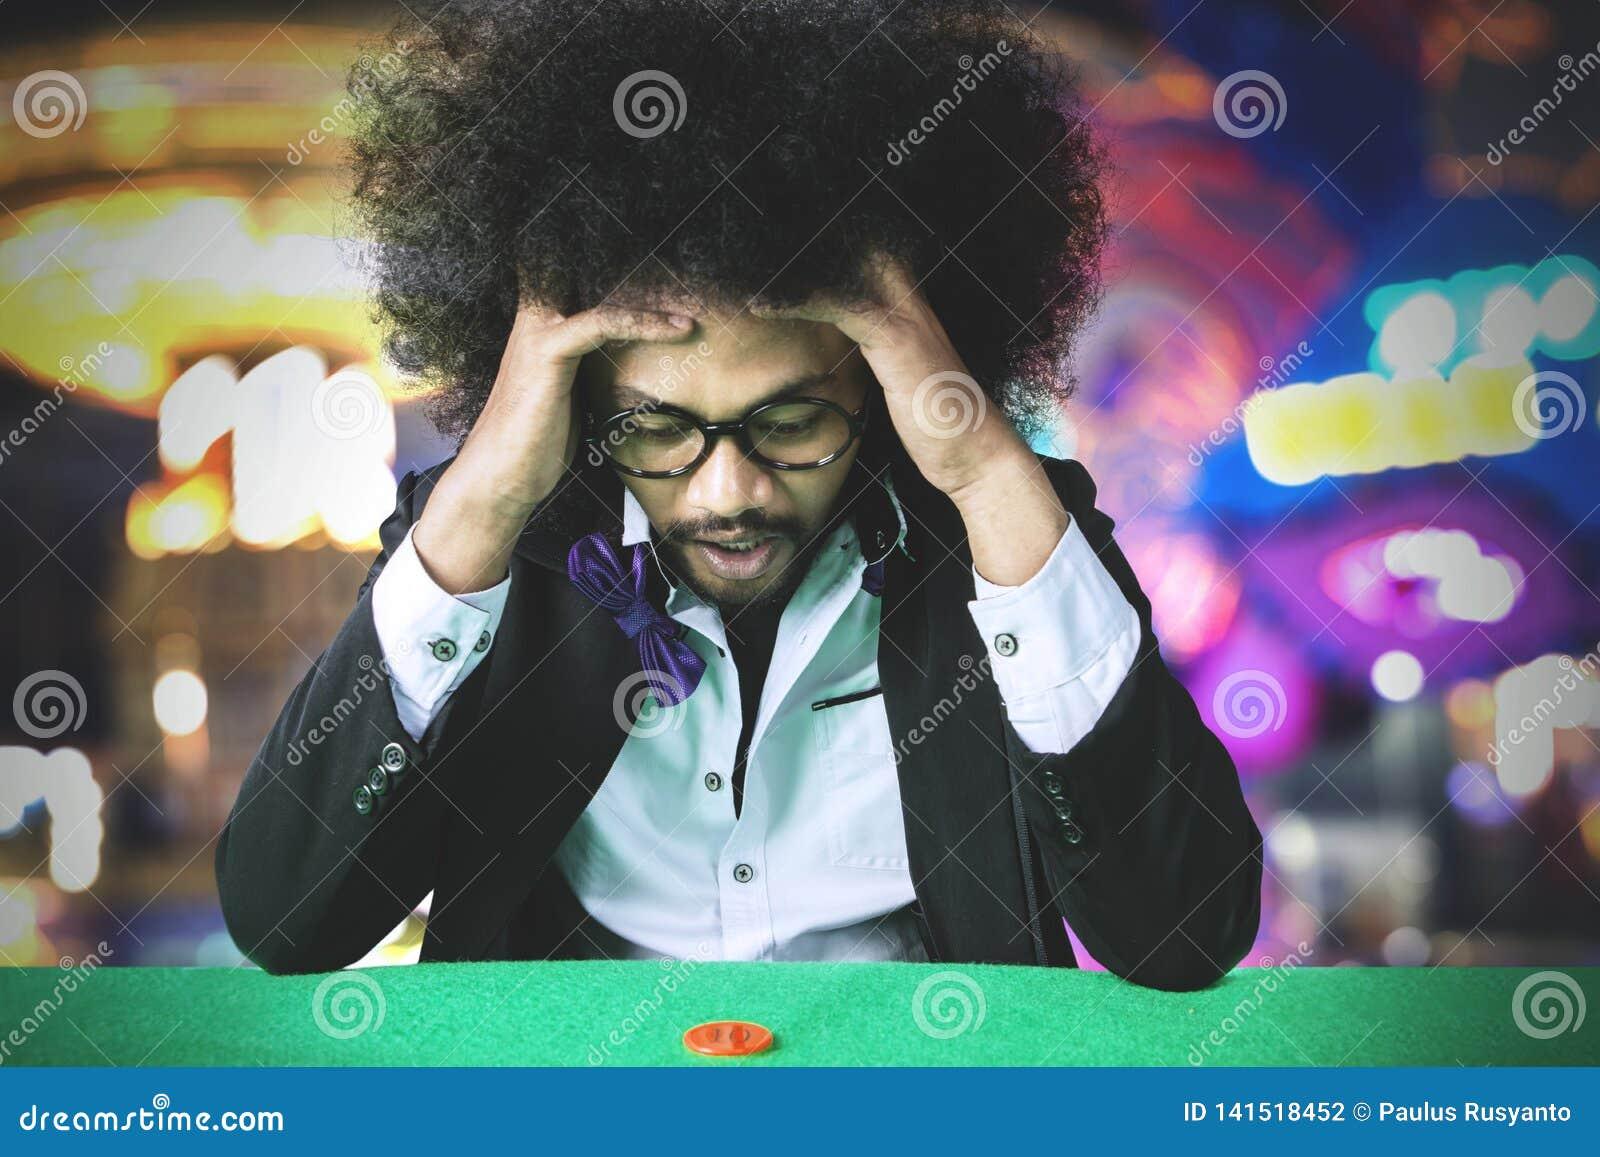 Sfrustowany hazardzisty mężczyzny przegrywanie na hazardzie